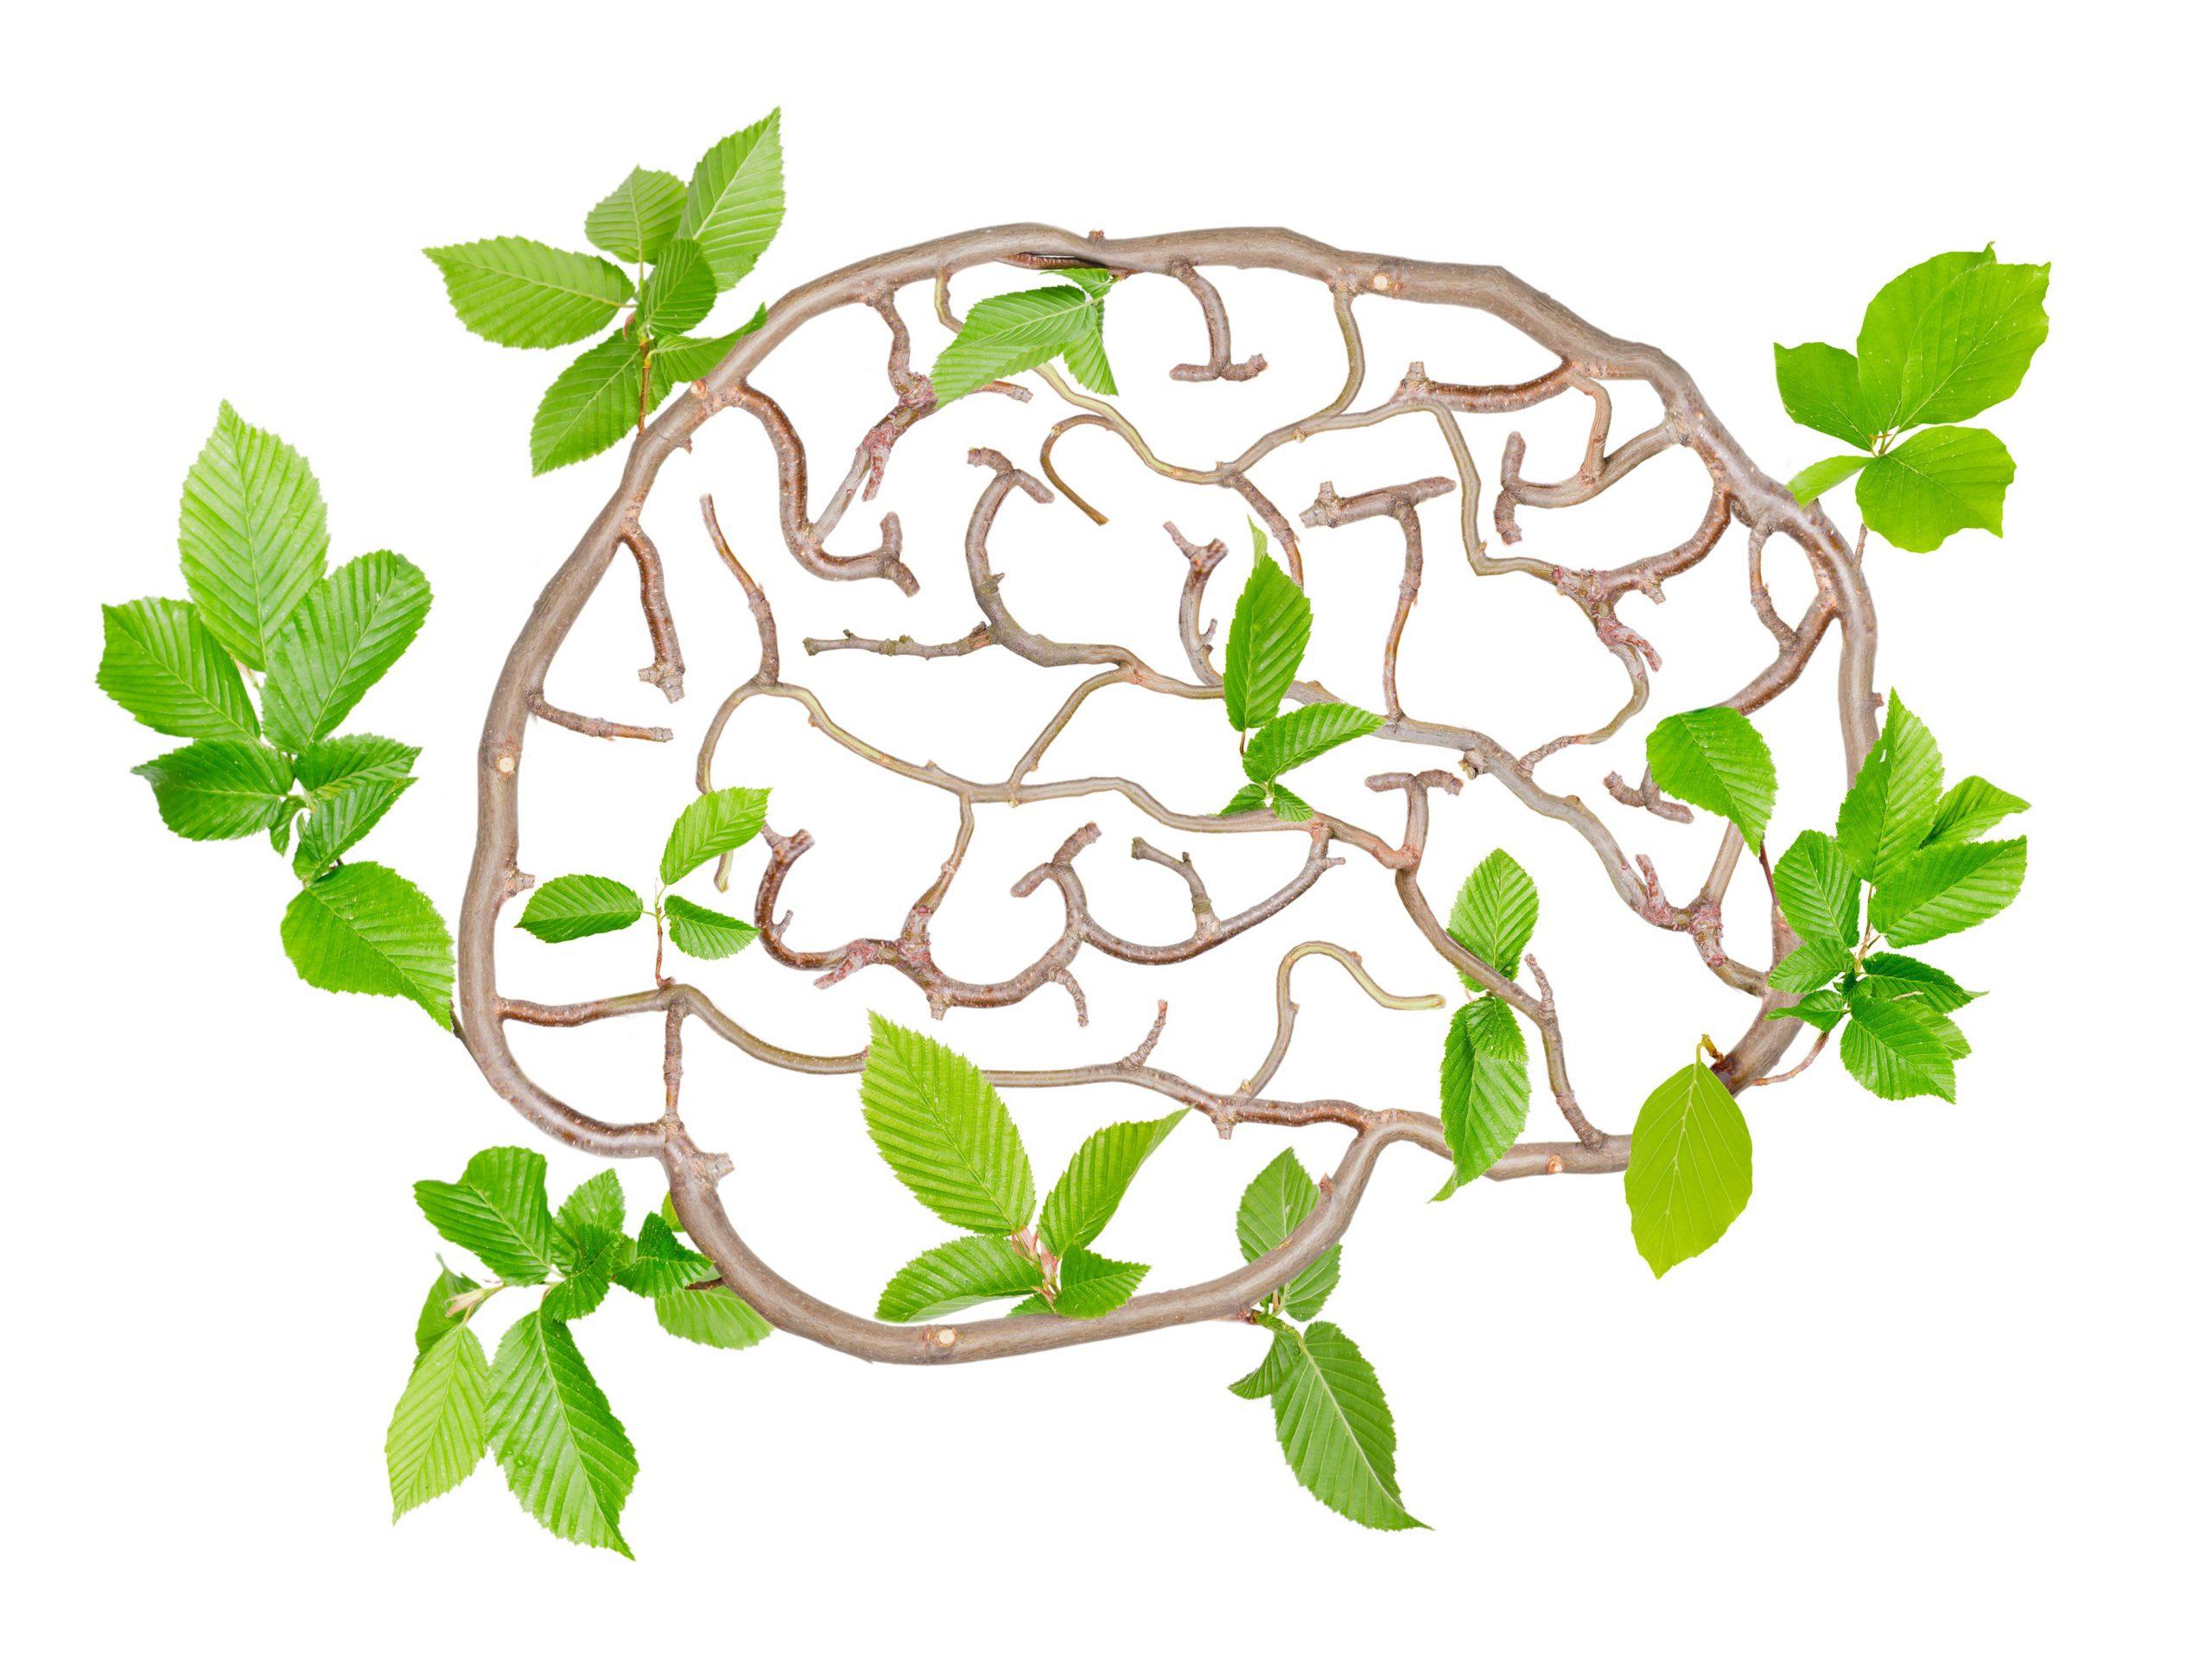 تقویت حافظه با طب سنتی